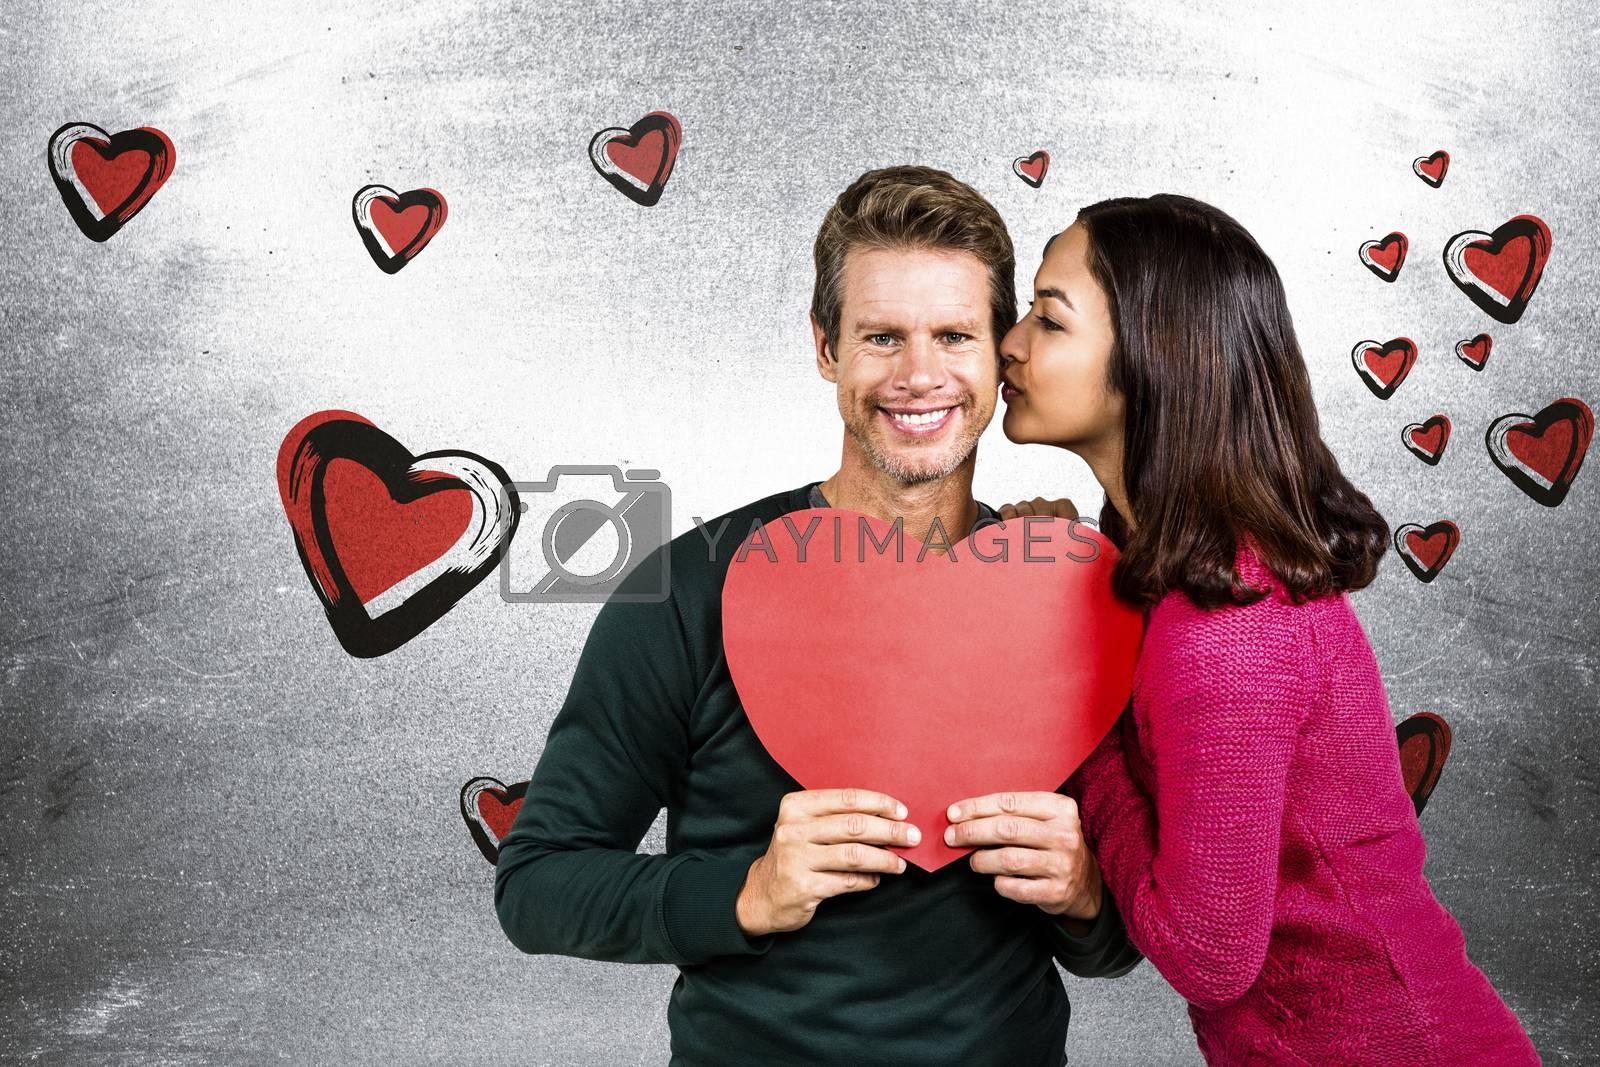 Woman kissing boyfriend with red heart shape  against blackboard